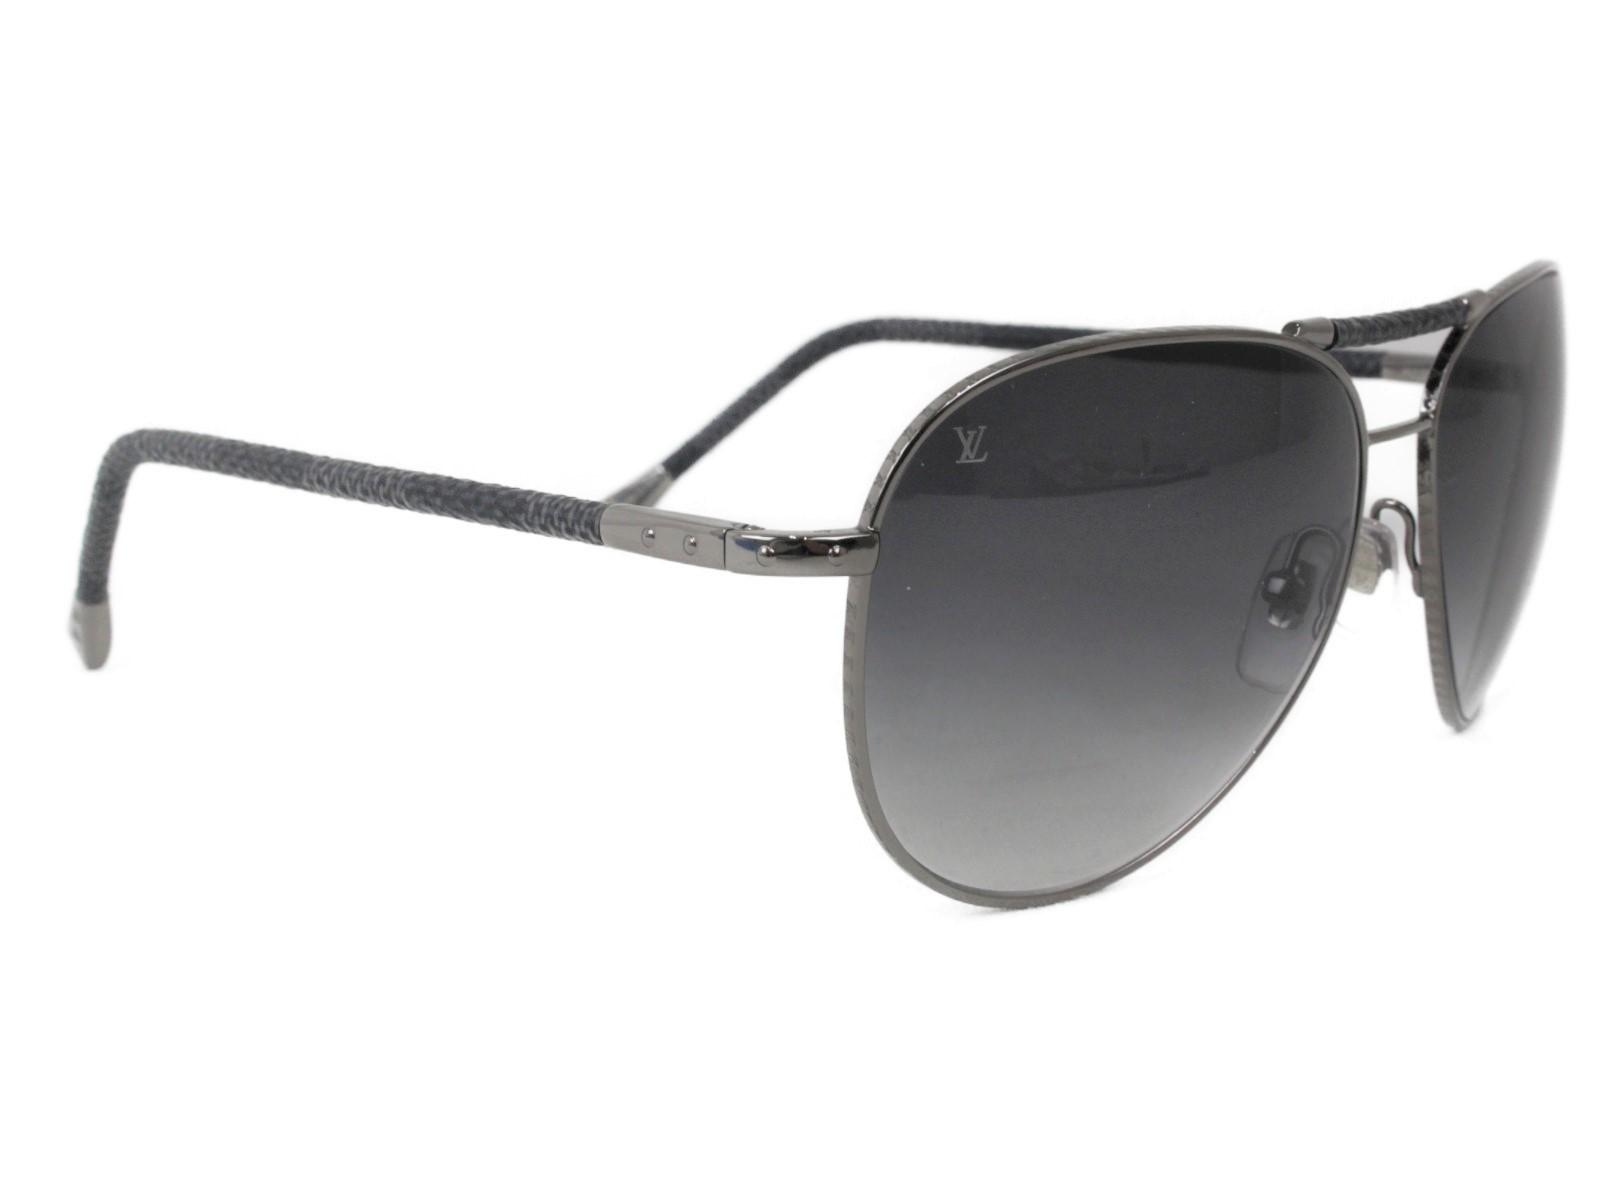 LOUIS VUITTON ルイヴィトン コンスピラシオン・パイロット Z0439U ダミエグラフィット/ダークグレー×ライトグレー   メンズ レディース ウィメンズ ユニセックス ブランド 小物 眼鏡 かっこいい【中古】